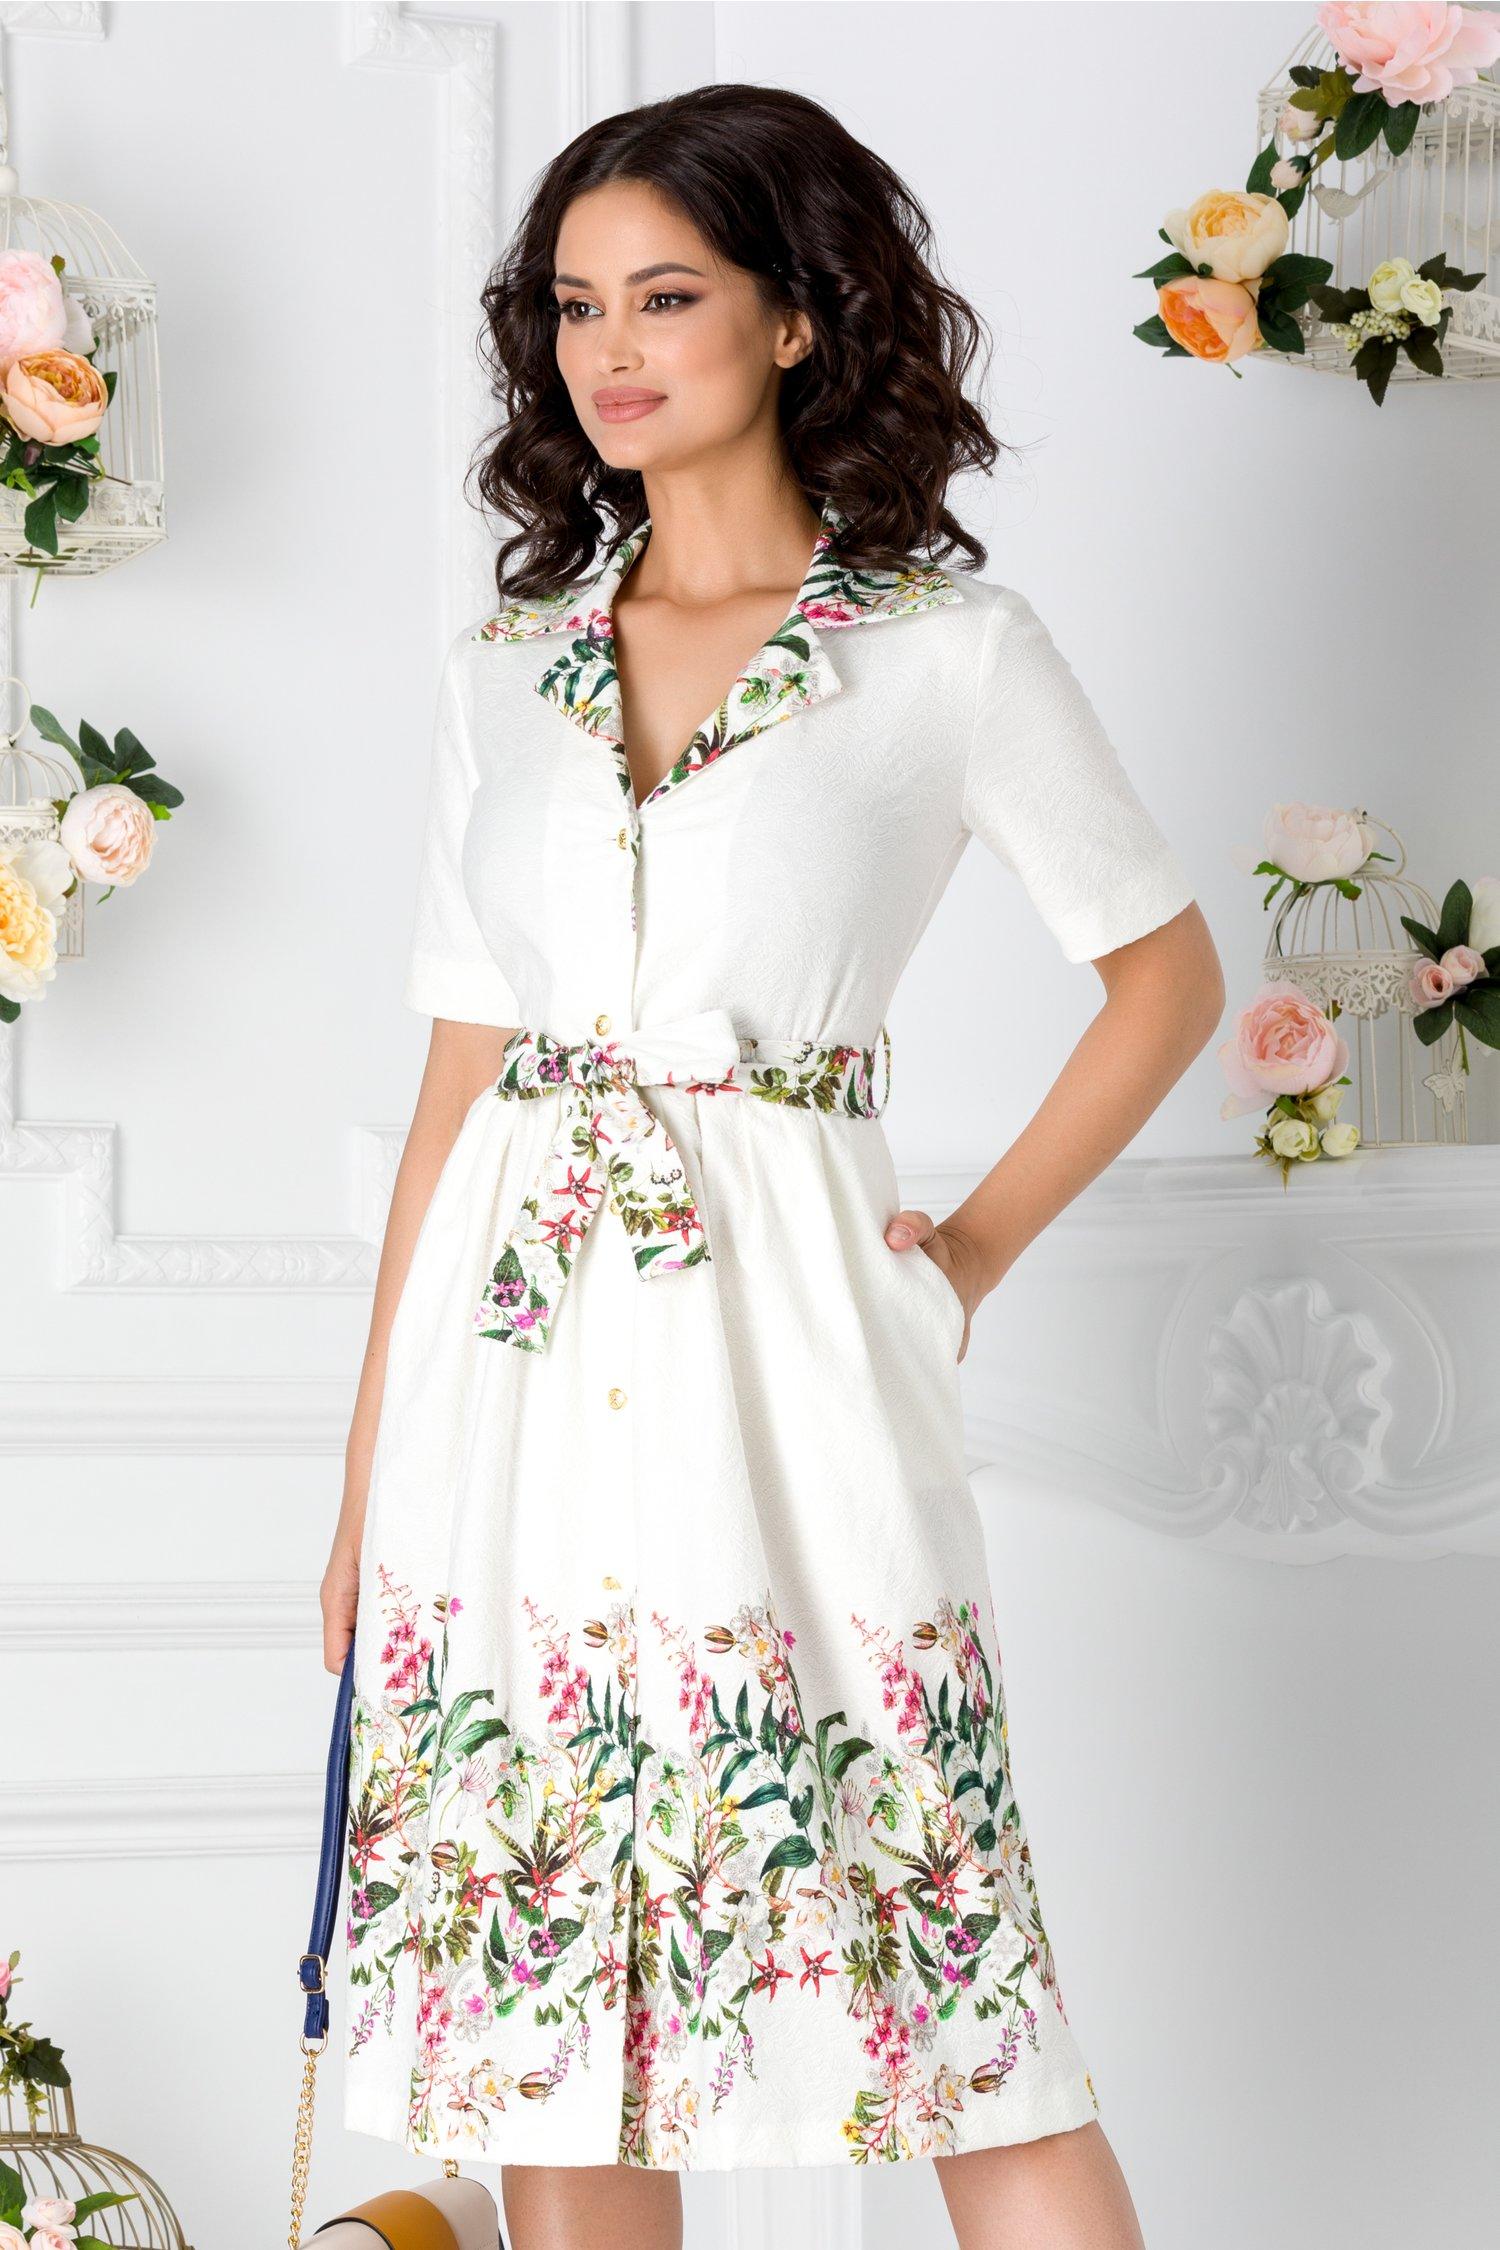 Rochie Crina ivoire cu imprimeu floral pastelat si cordon in talie